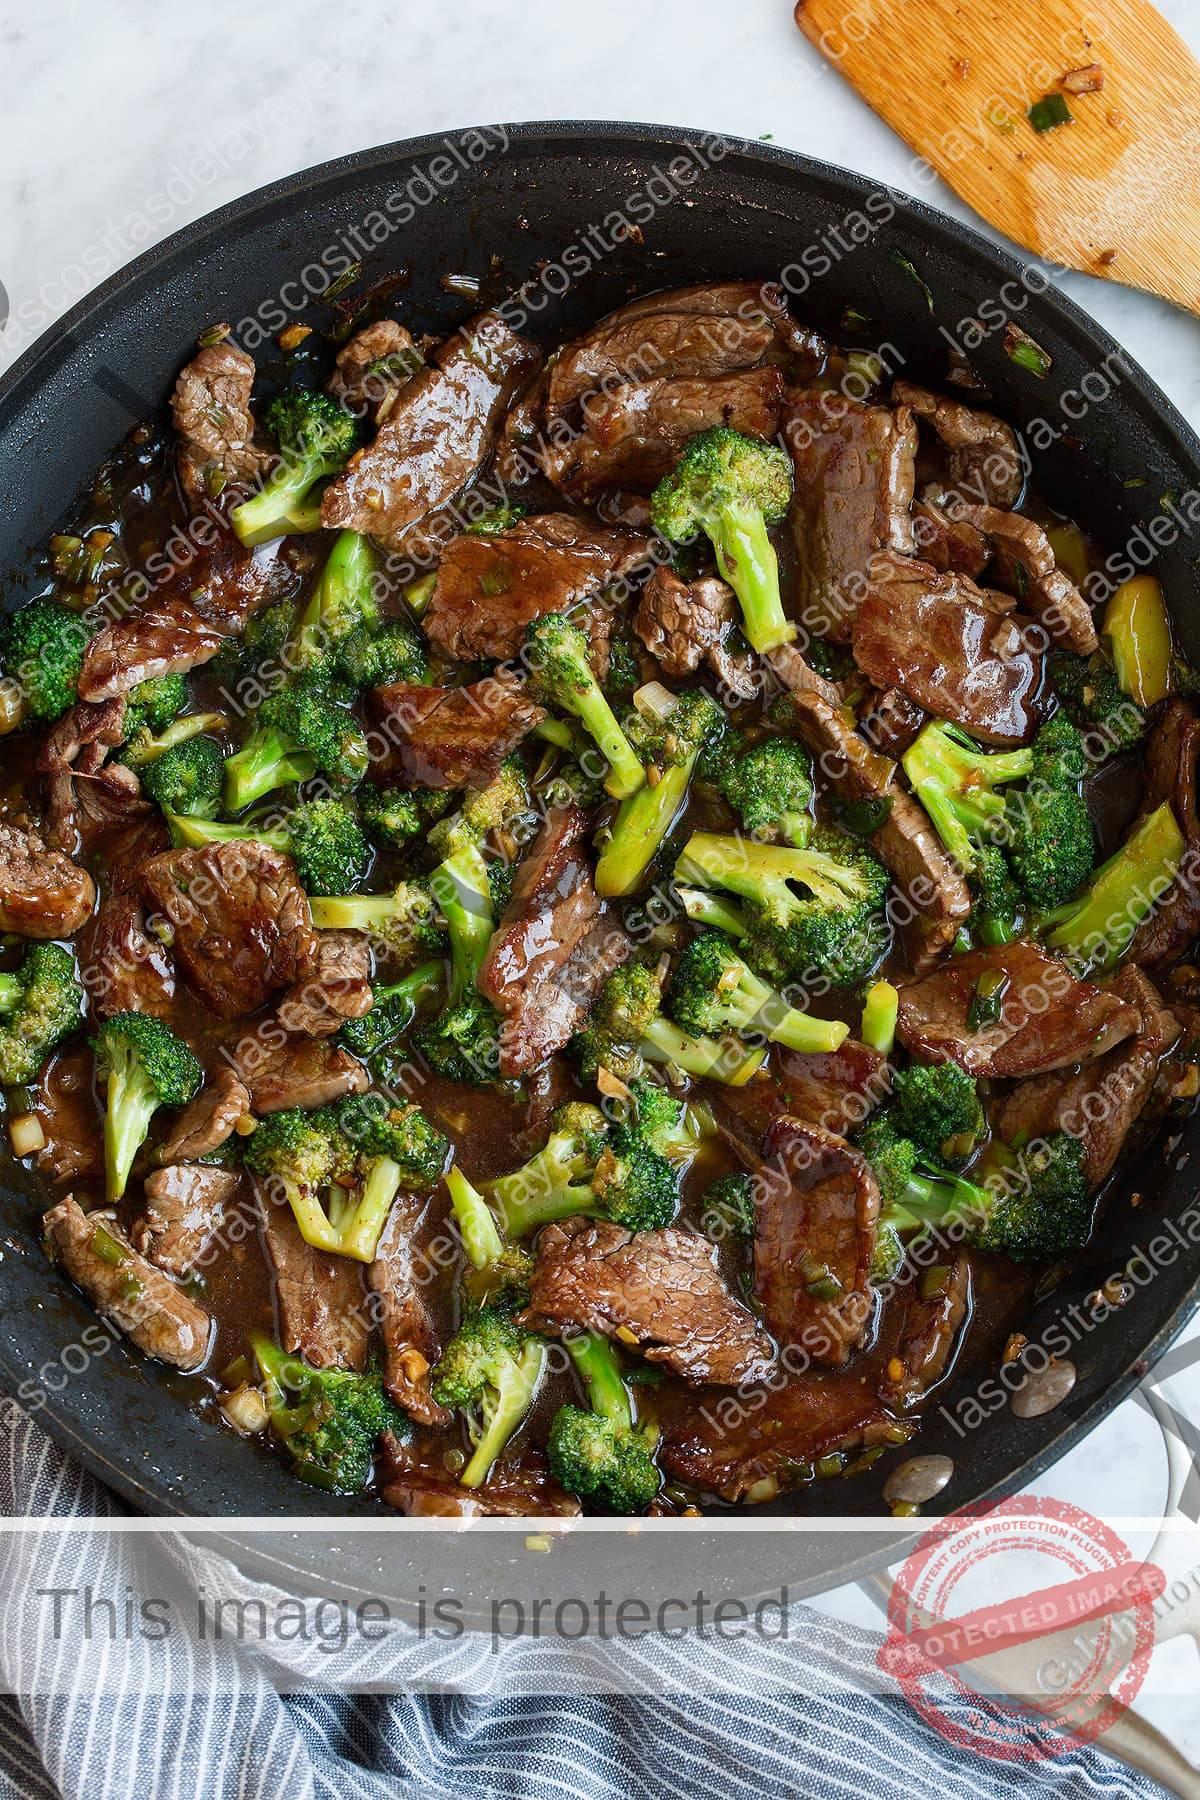 Carne terminada con brócoli con salsa en una sartén.